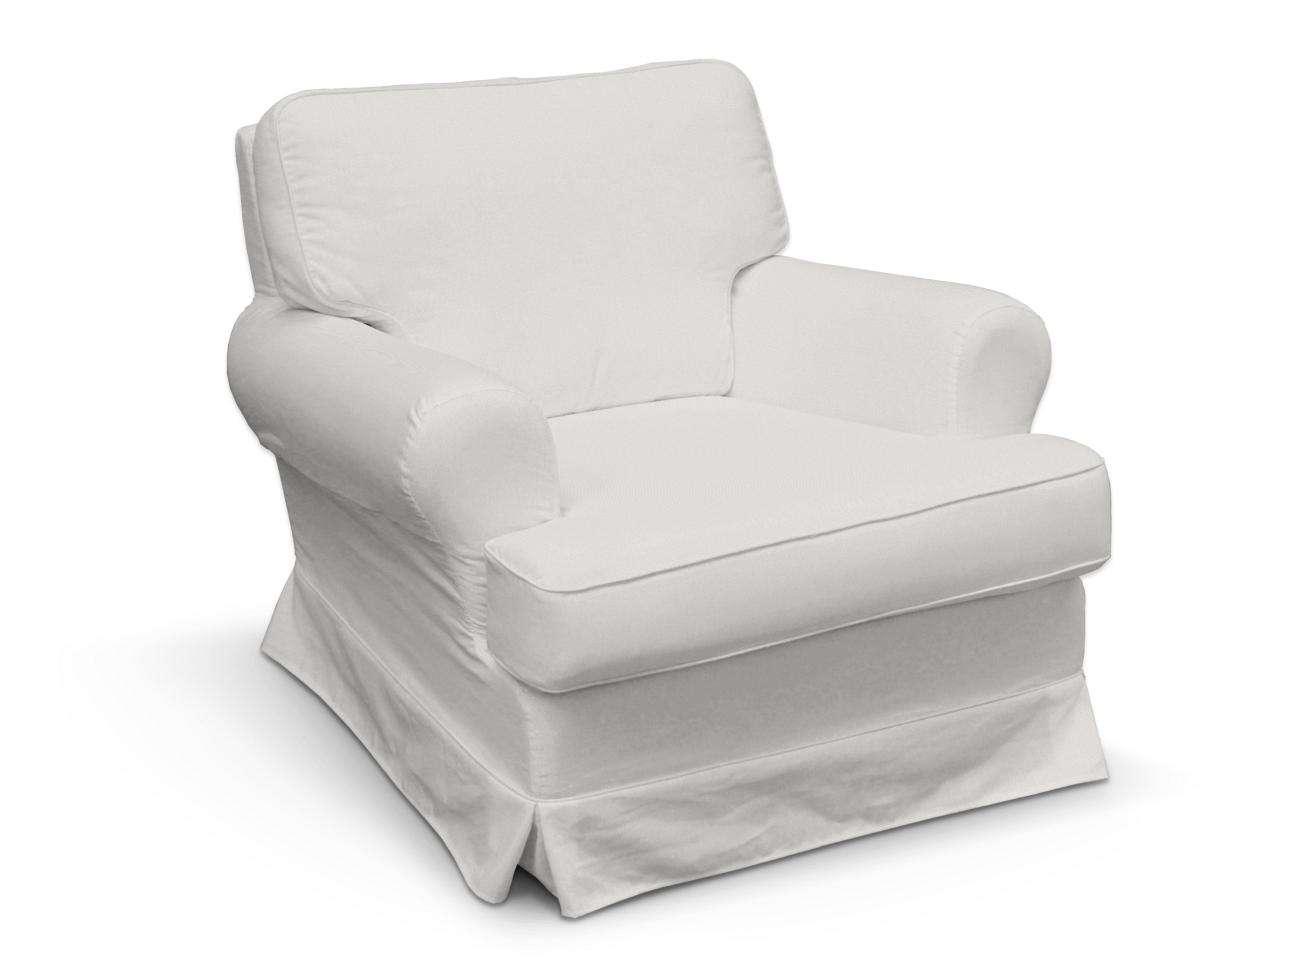 Barkaby fotelio užvalkalas Barkaby fotelio užvalkalas kolekcijoje Etna , audinys: 705-01